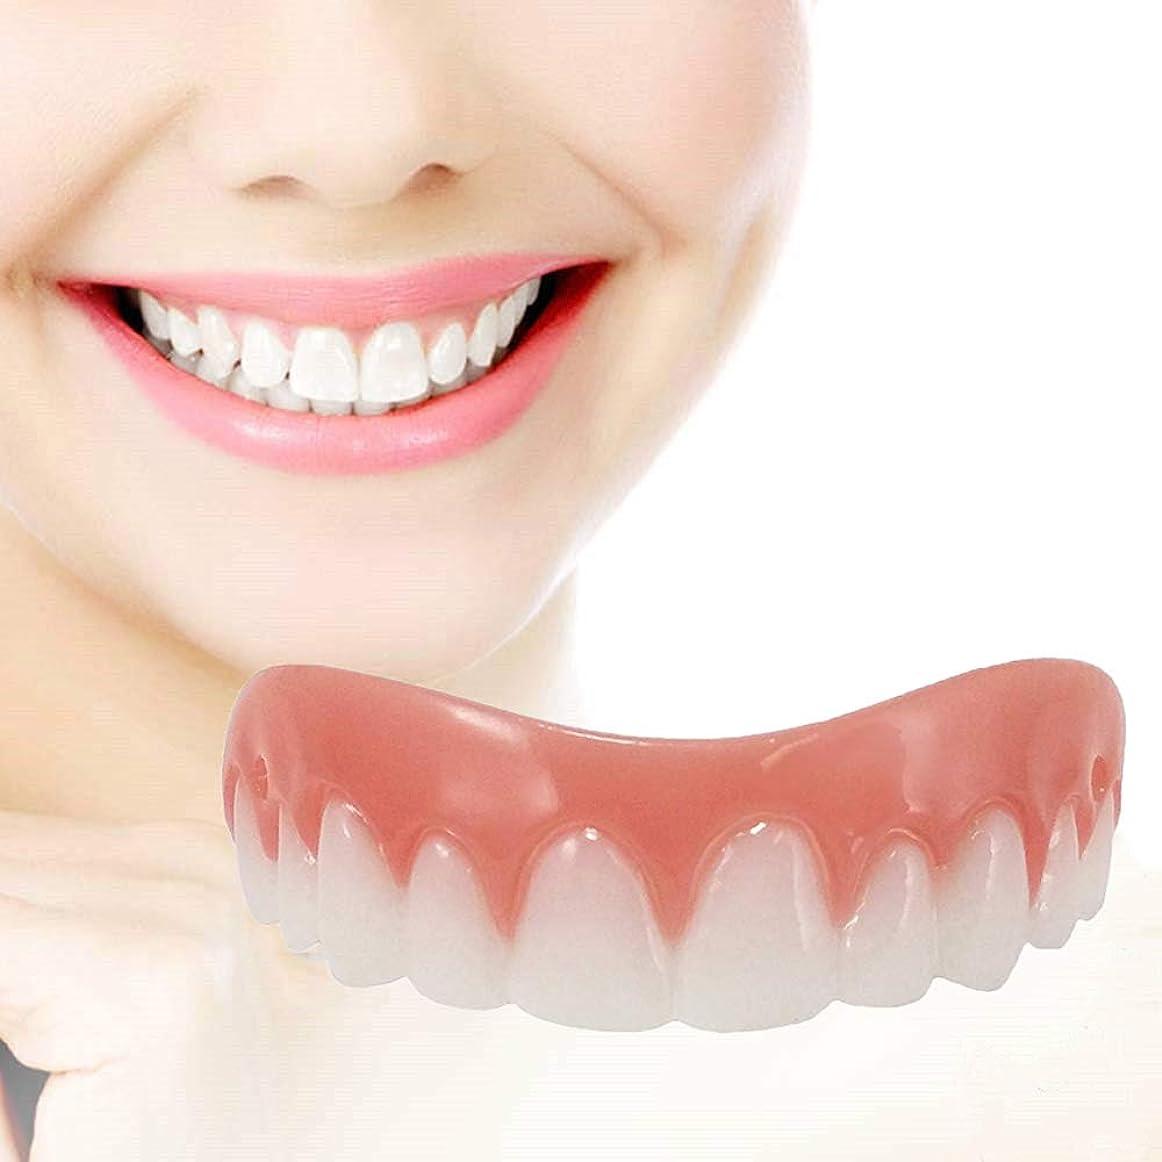 トリッキーブレーク収穫女性、人のために白くなる即刻のベニヤの義歯の微笑の慰めの適合の屈曲の化粧品の偽歯